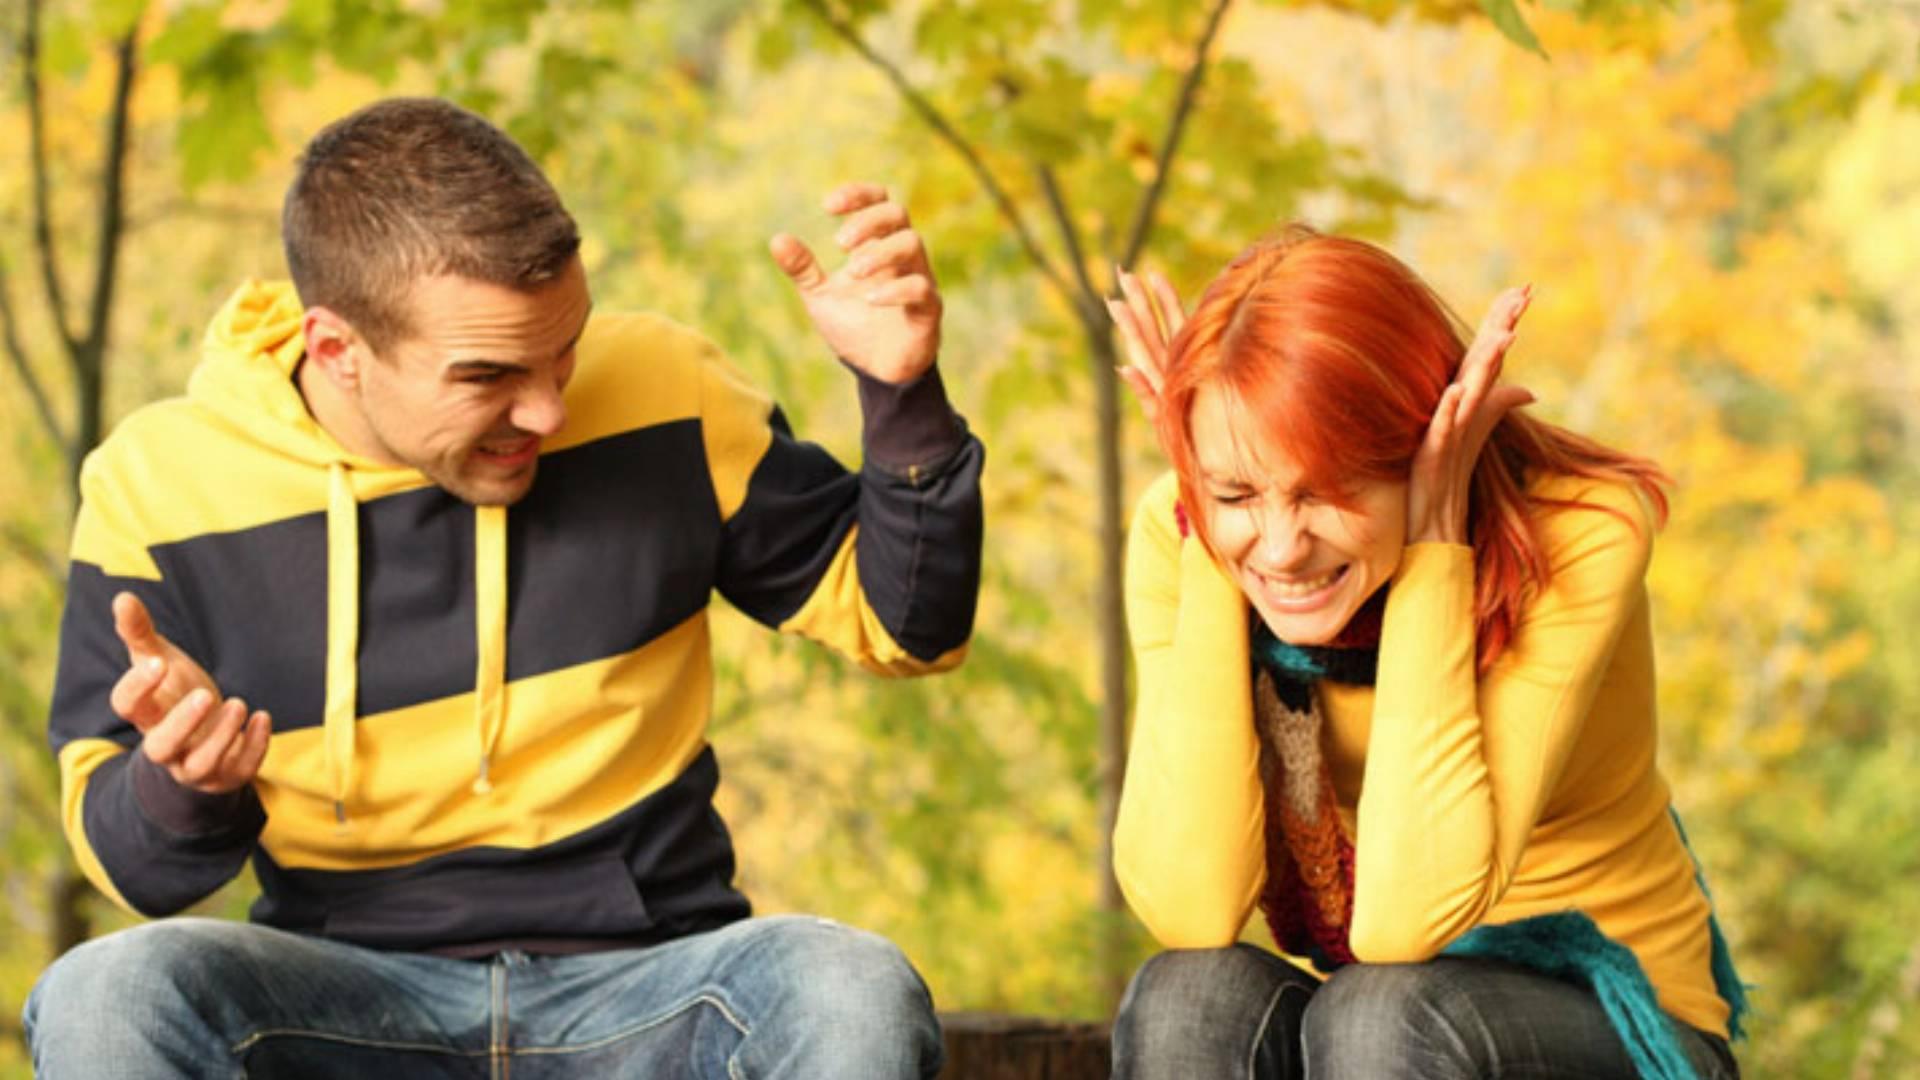 kłótnia pary miłosć dobiega końca